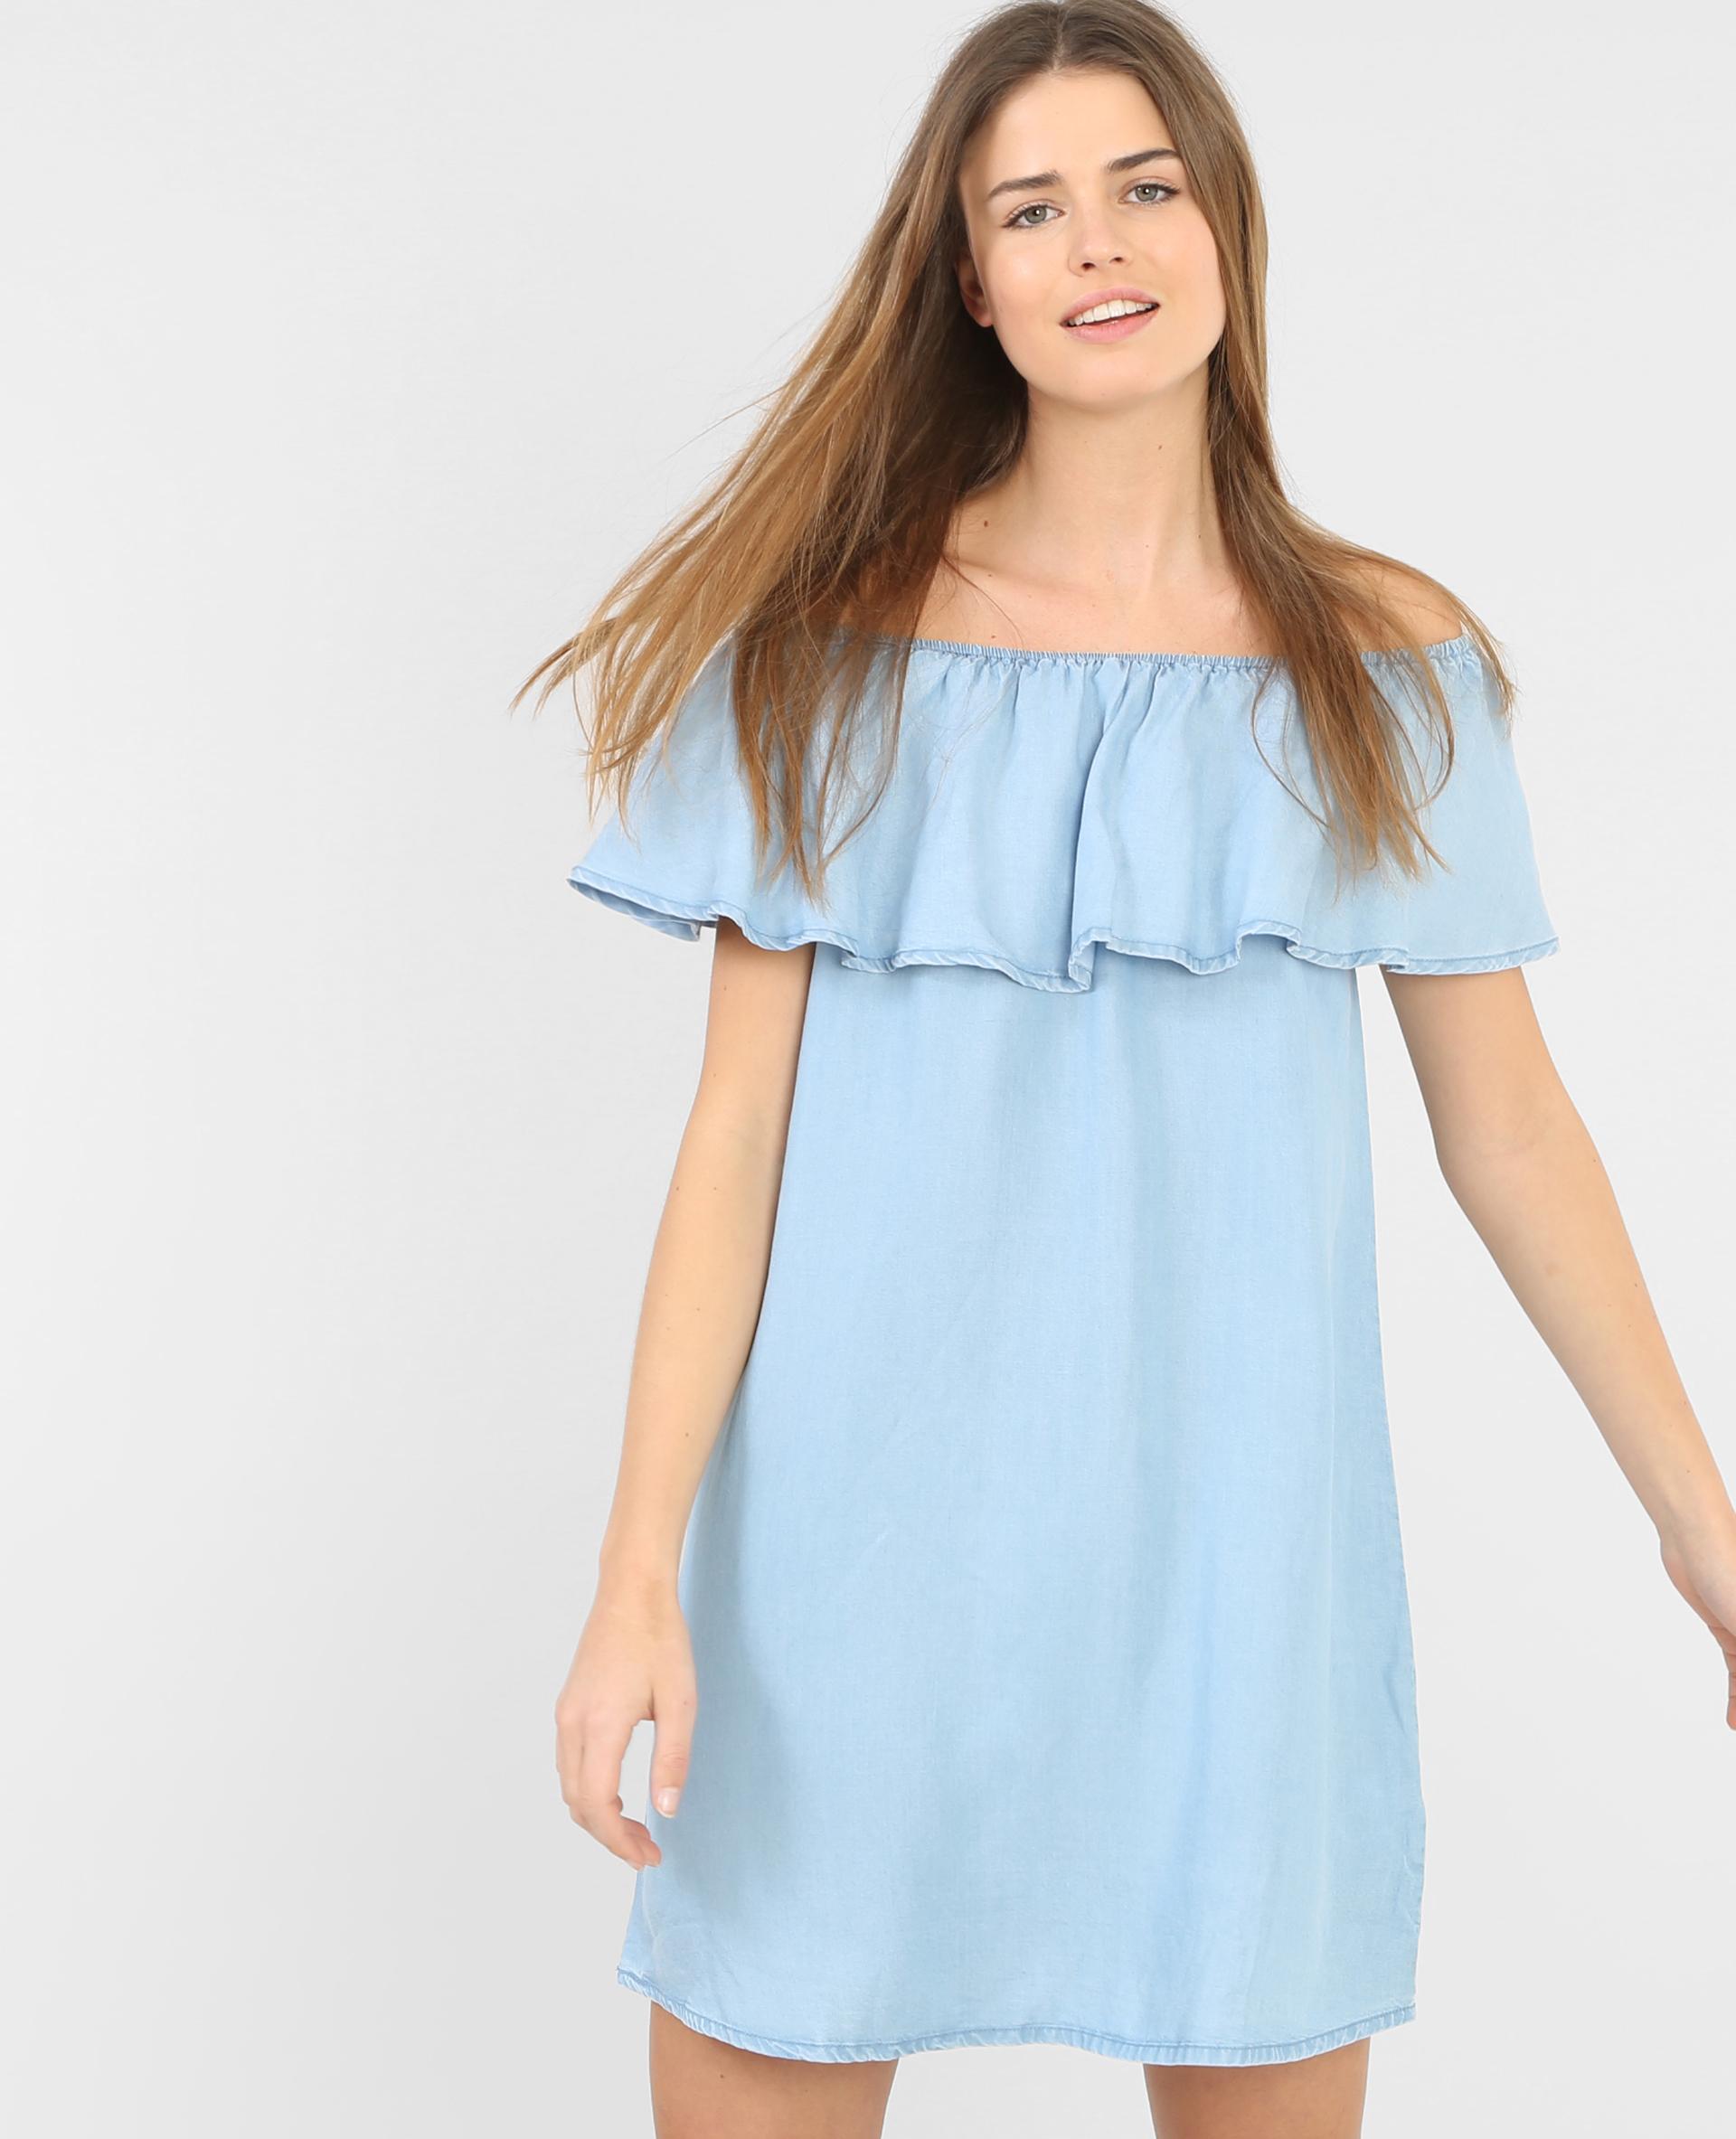 Robe bleu roi pimkie